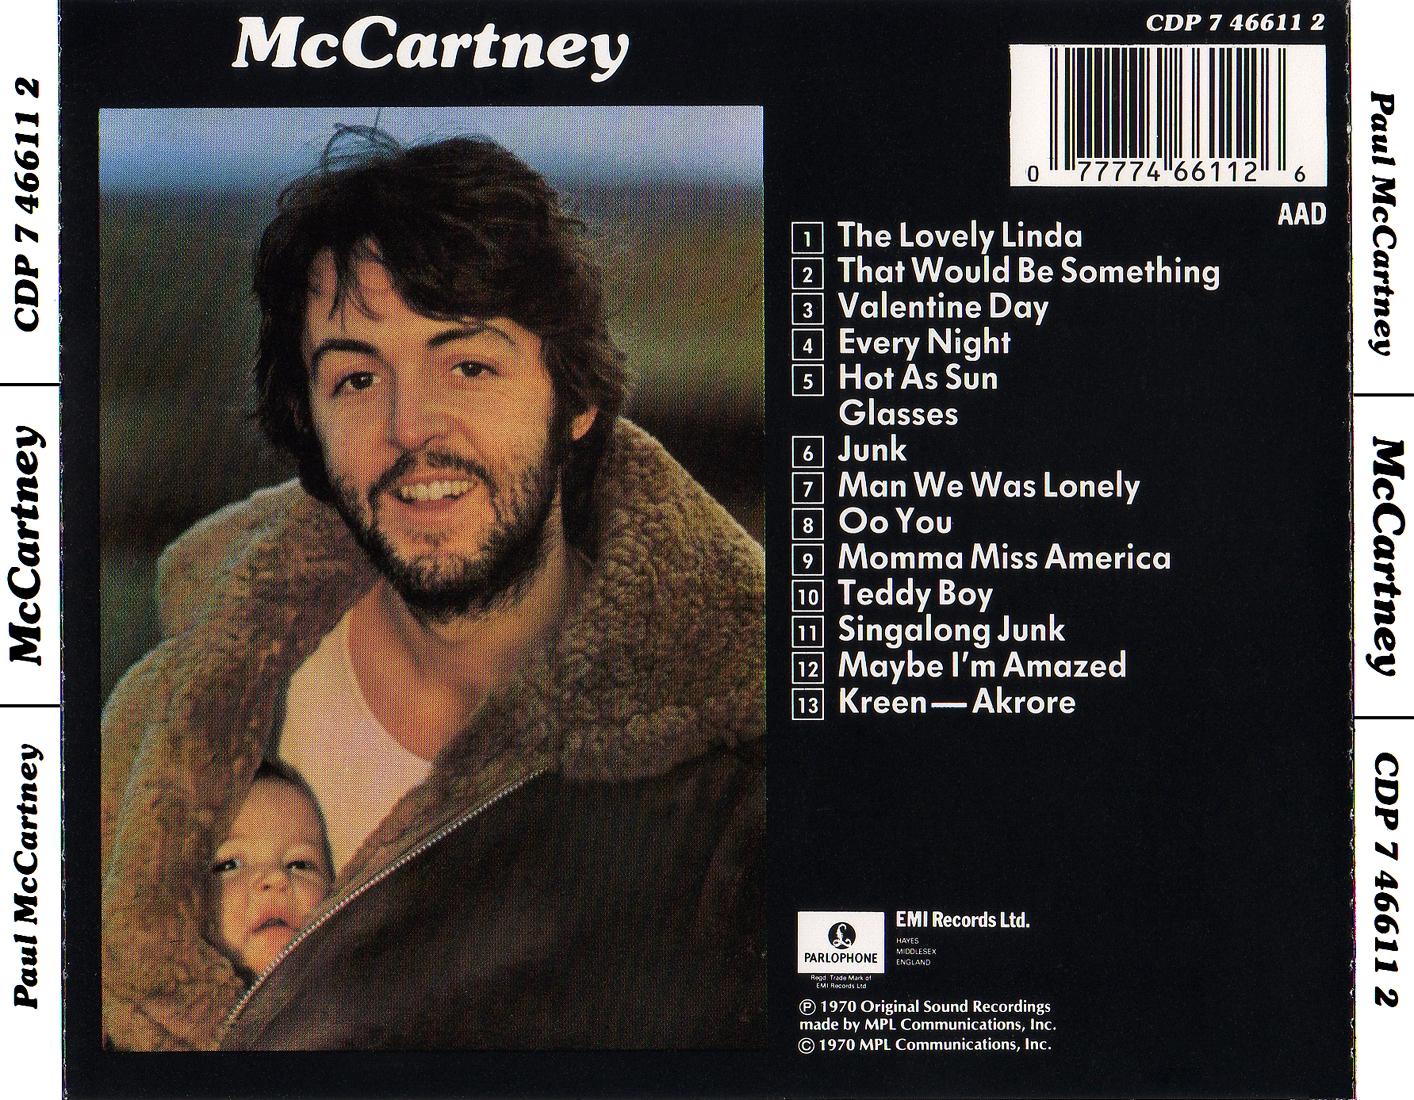 Paul McCartney's